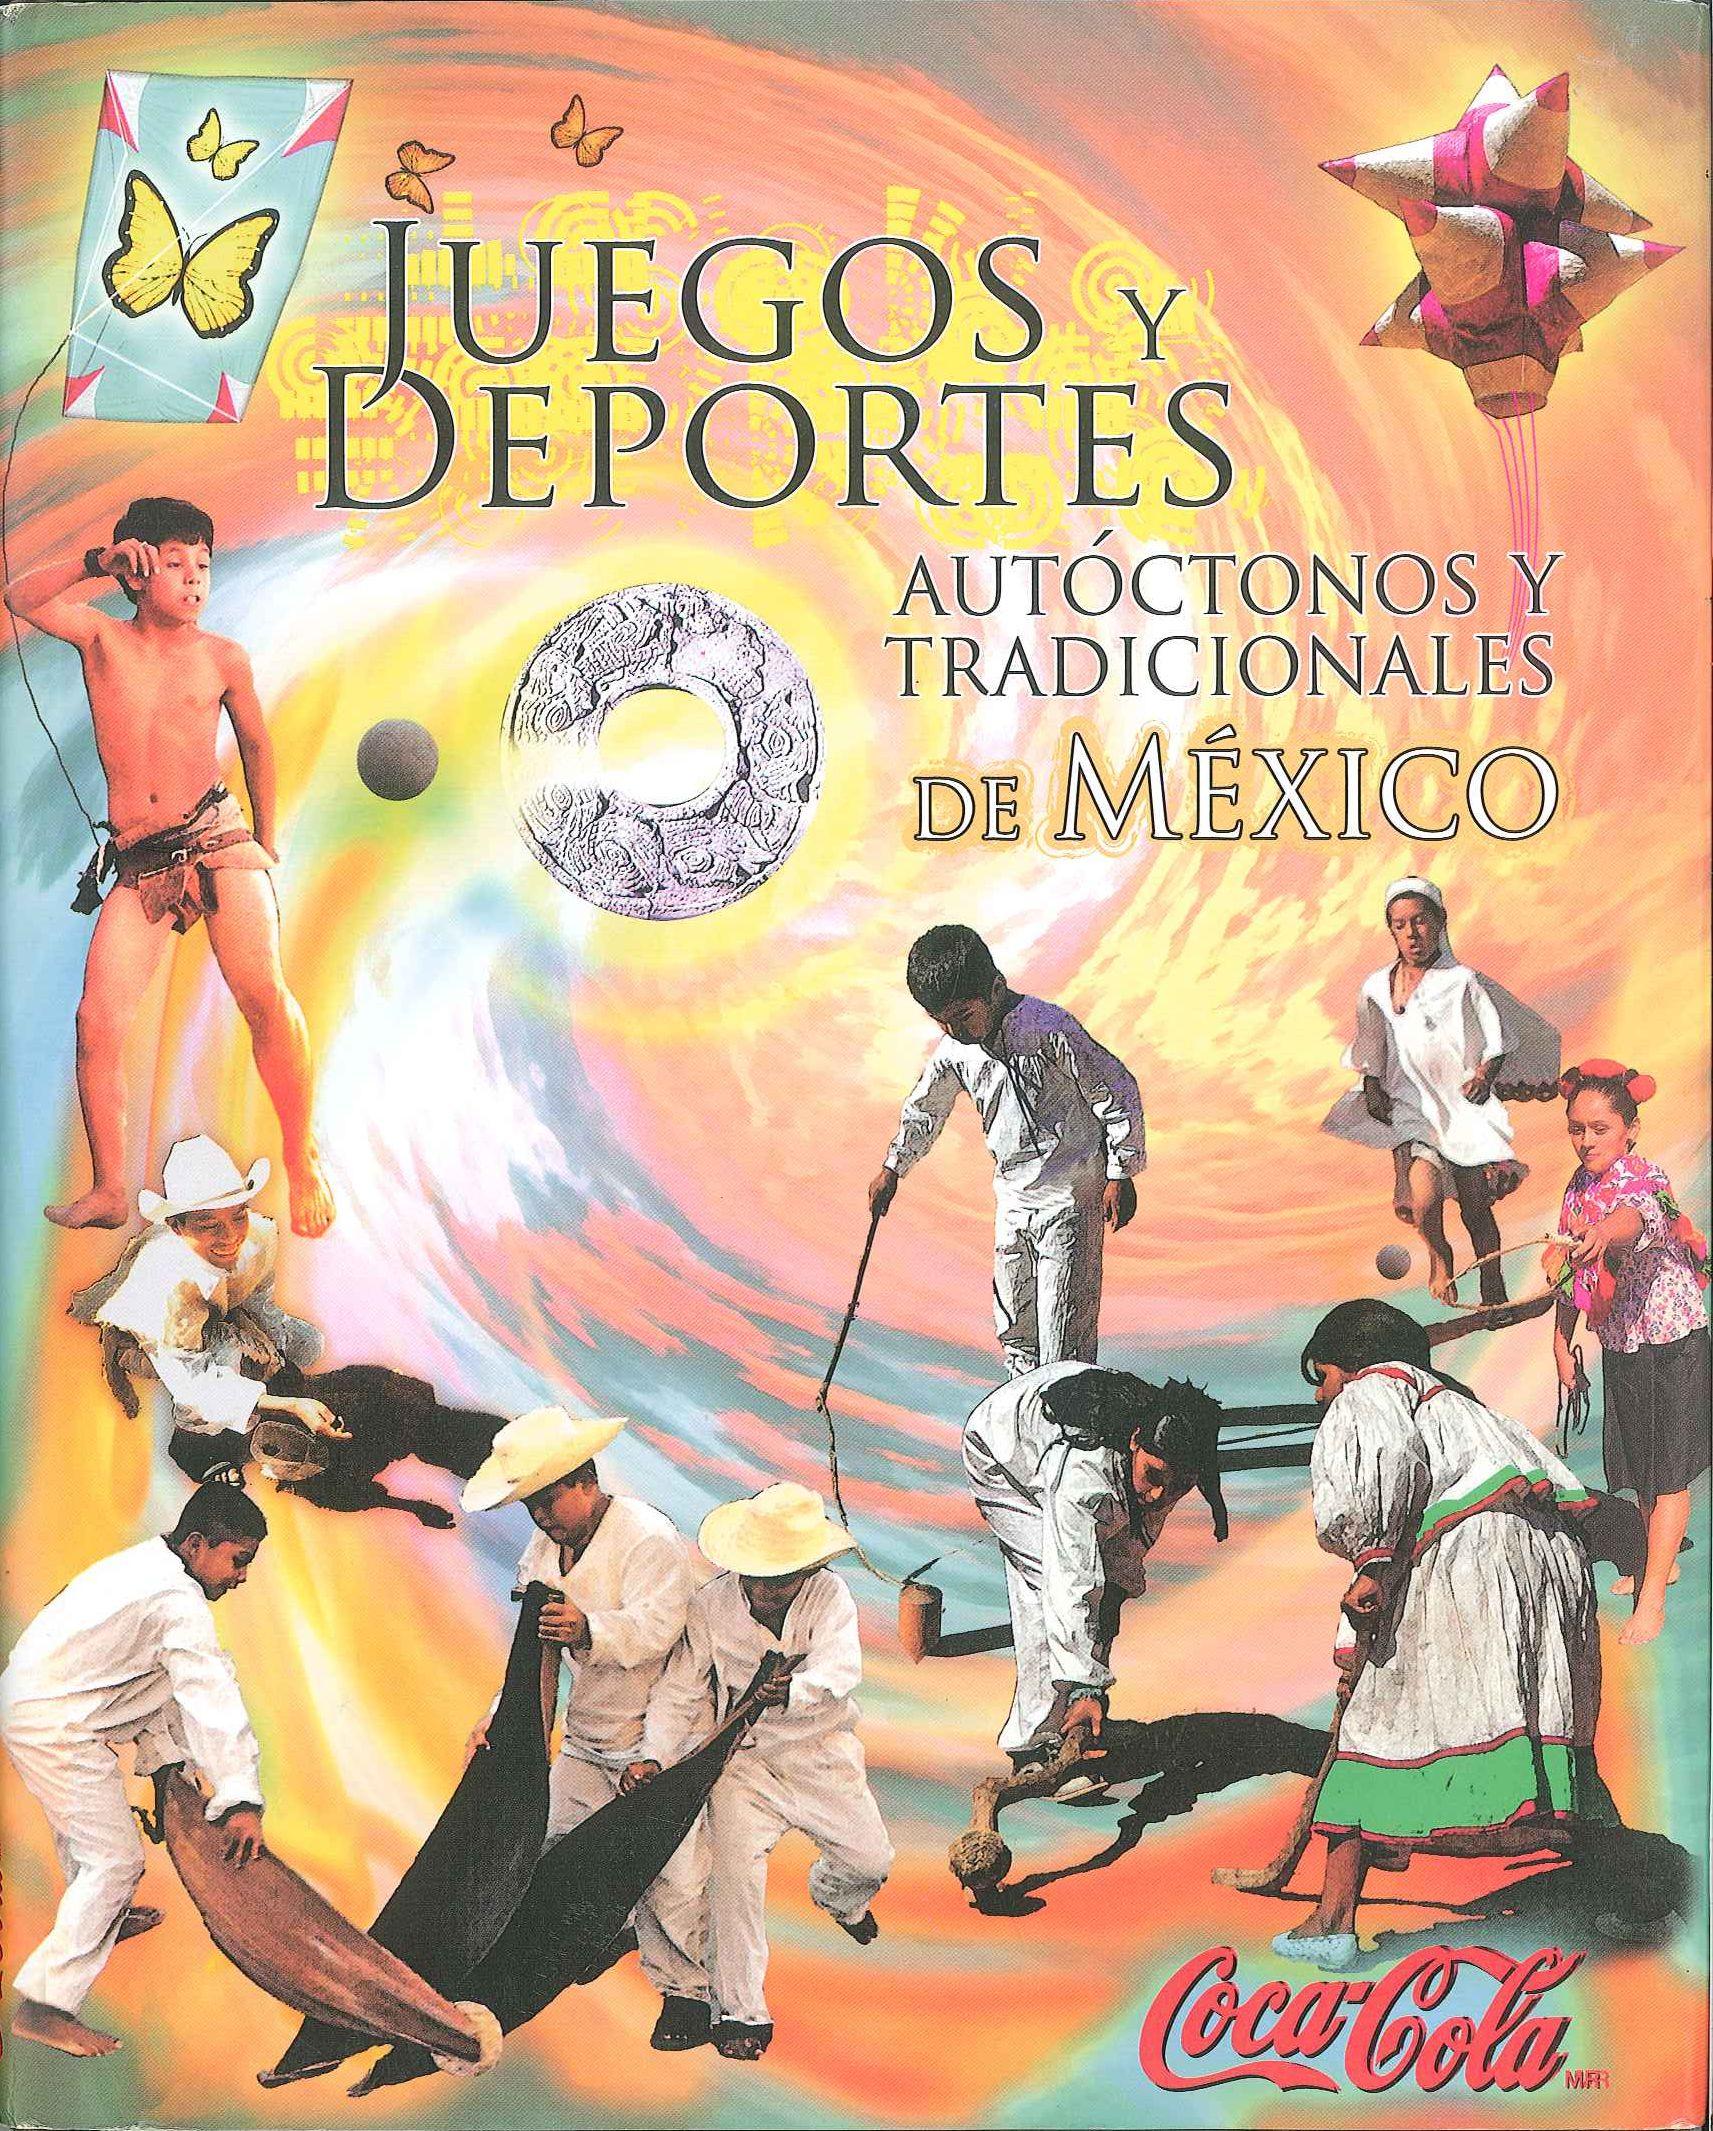 Juegos Y Deportes Autoctonos Y Tradicionales De Mexico La Tanguilla